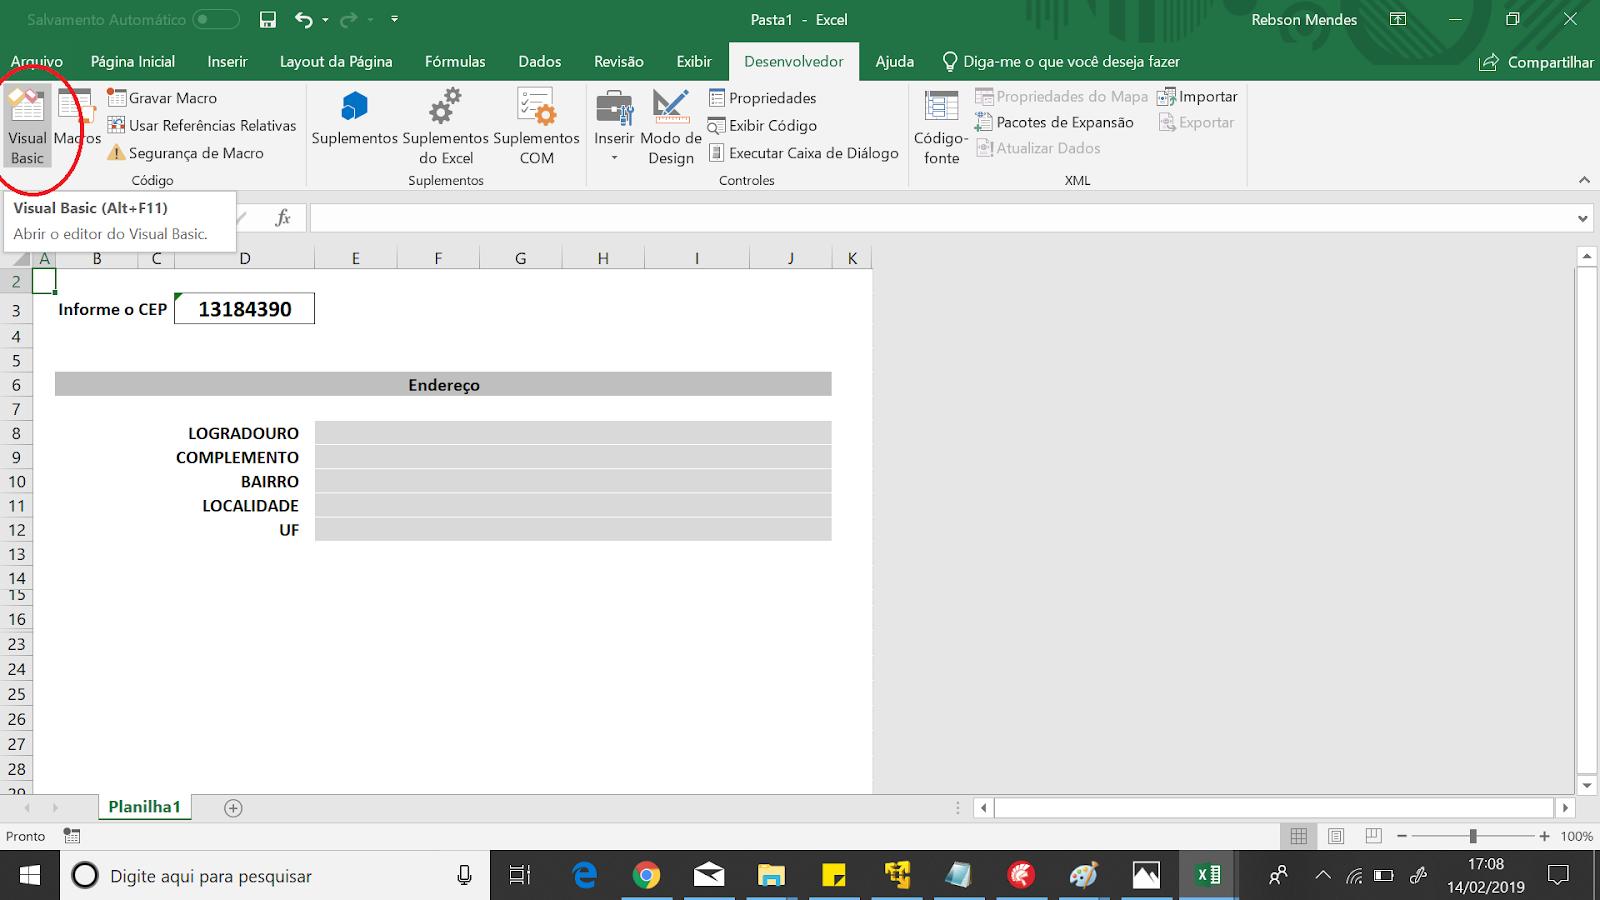 Consumindo Web Service com Excel para consultar endereços